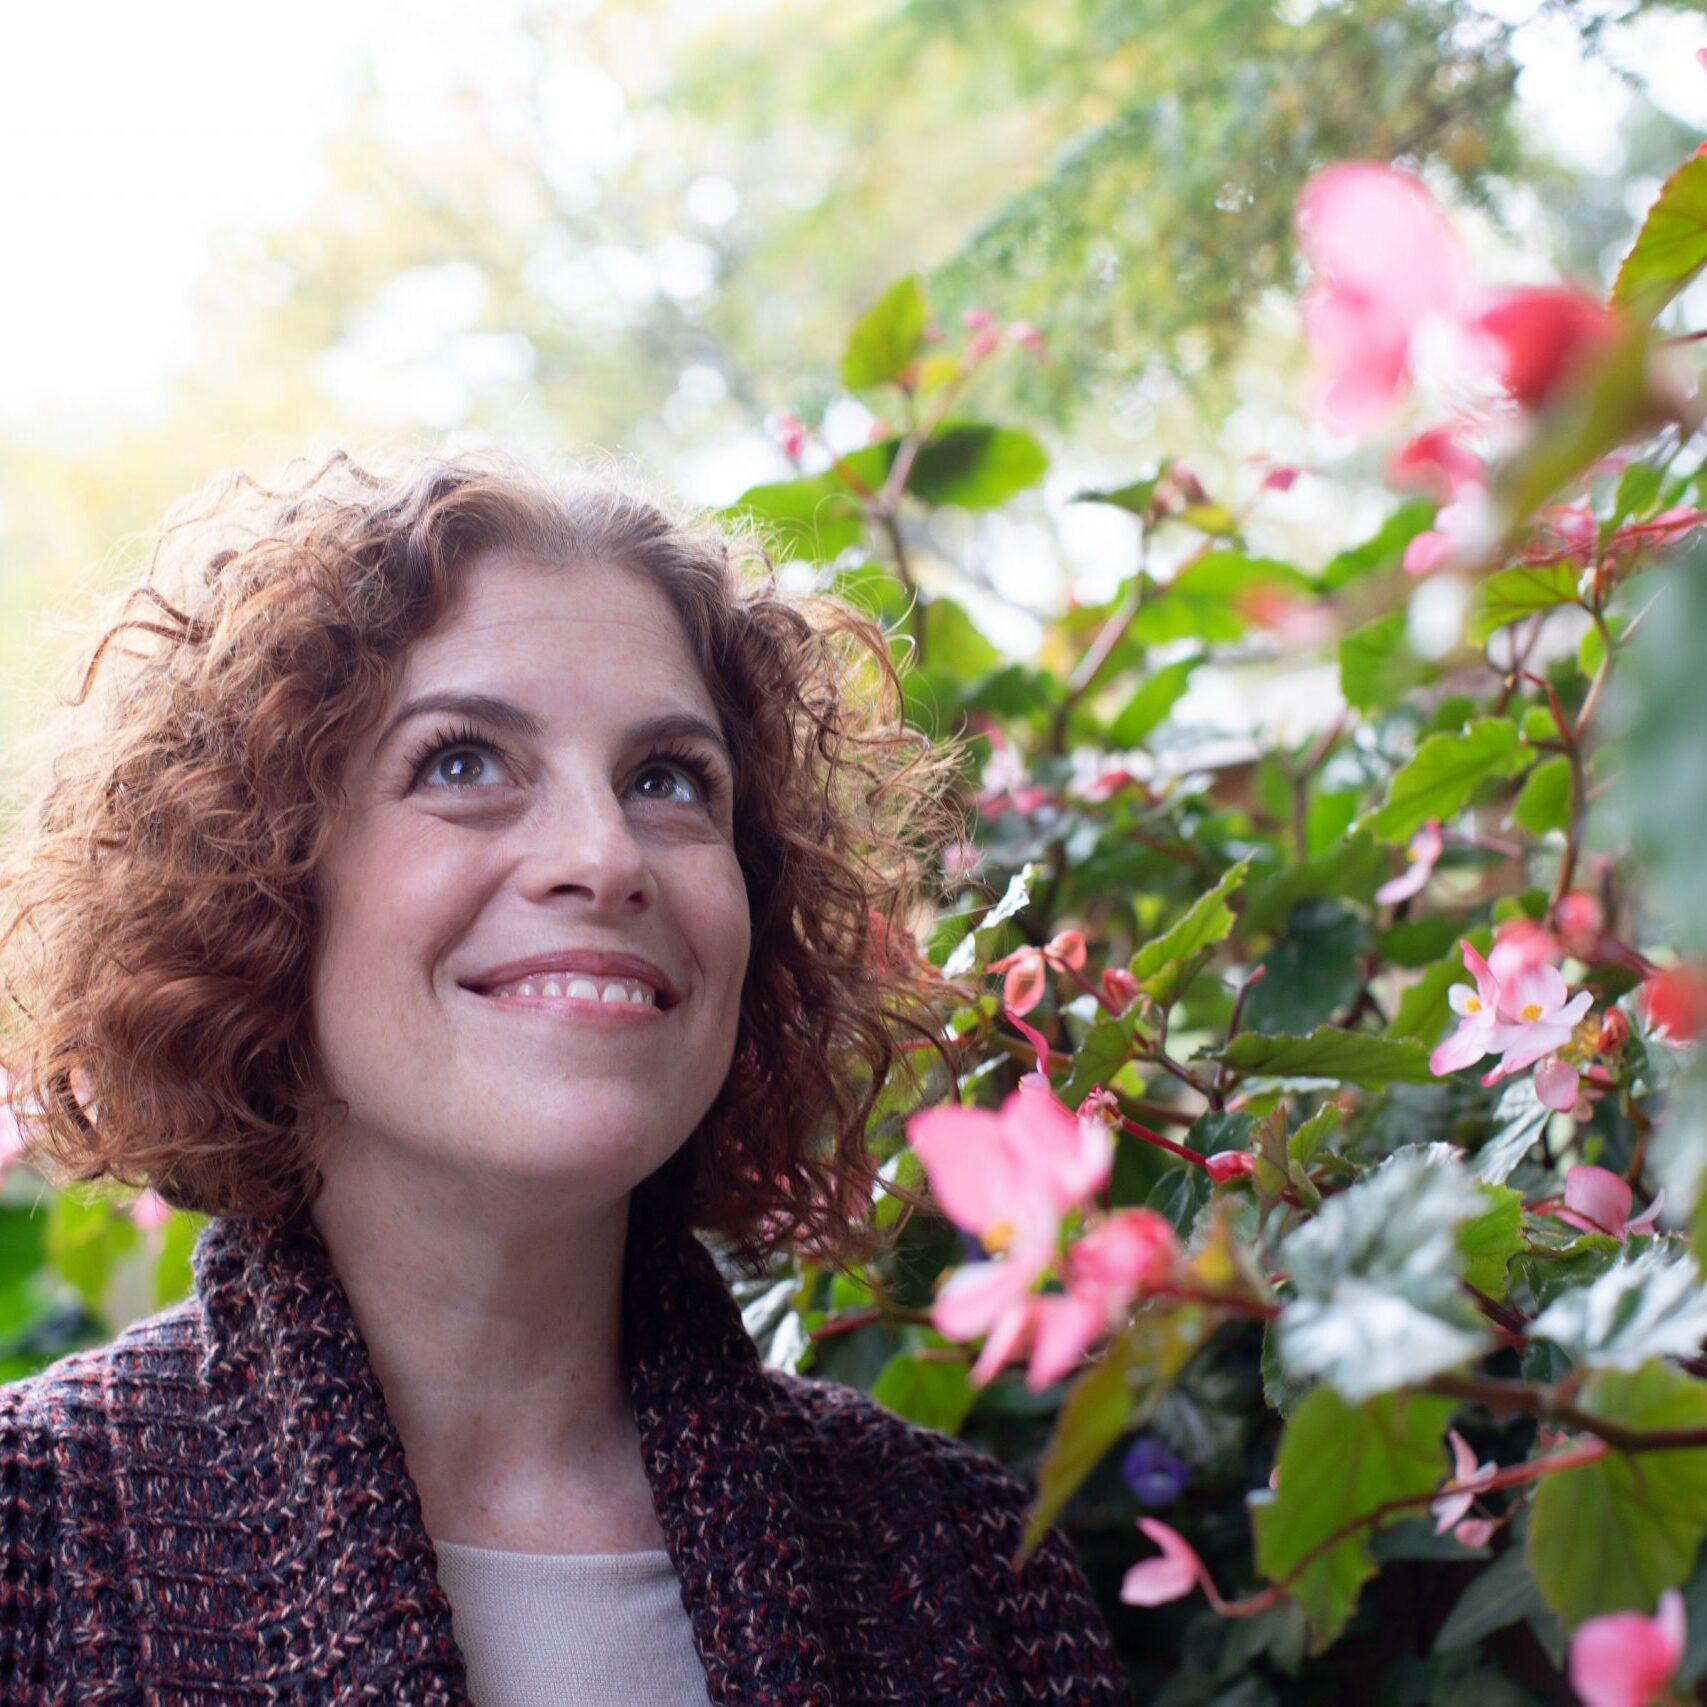 Sara Smeaton